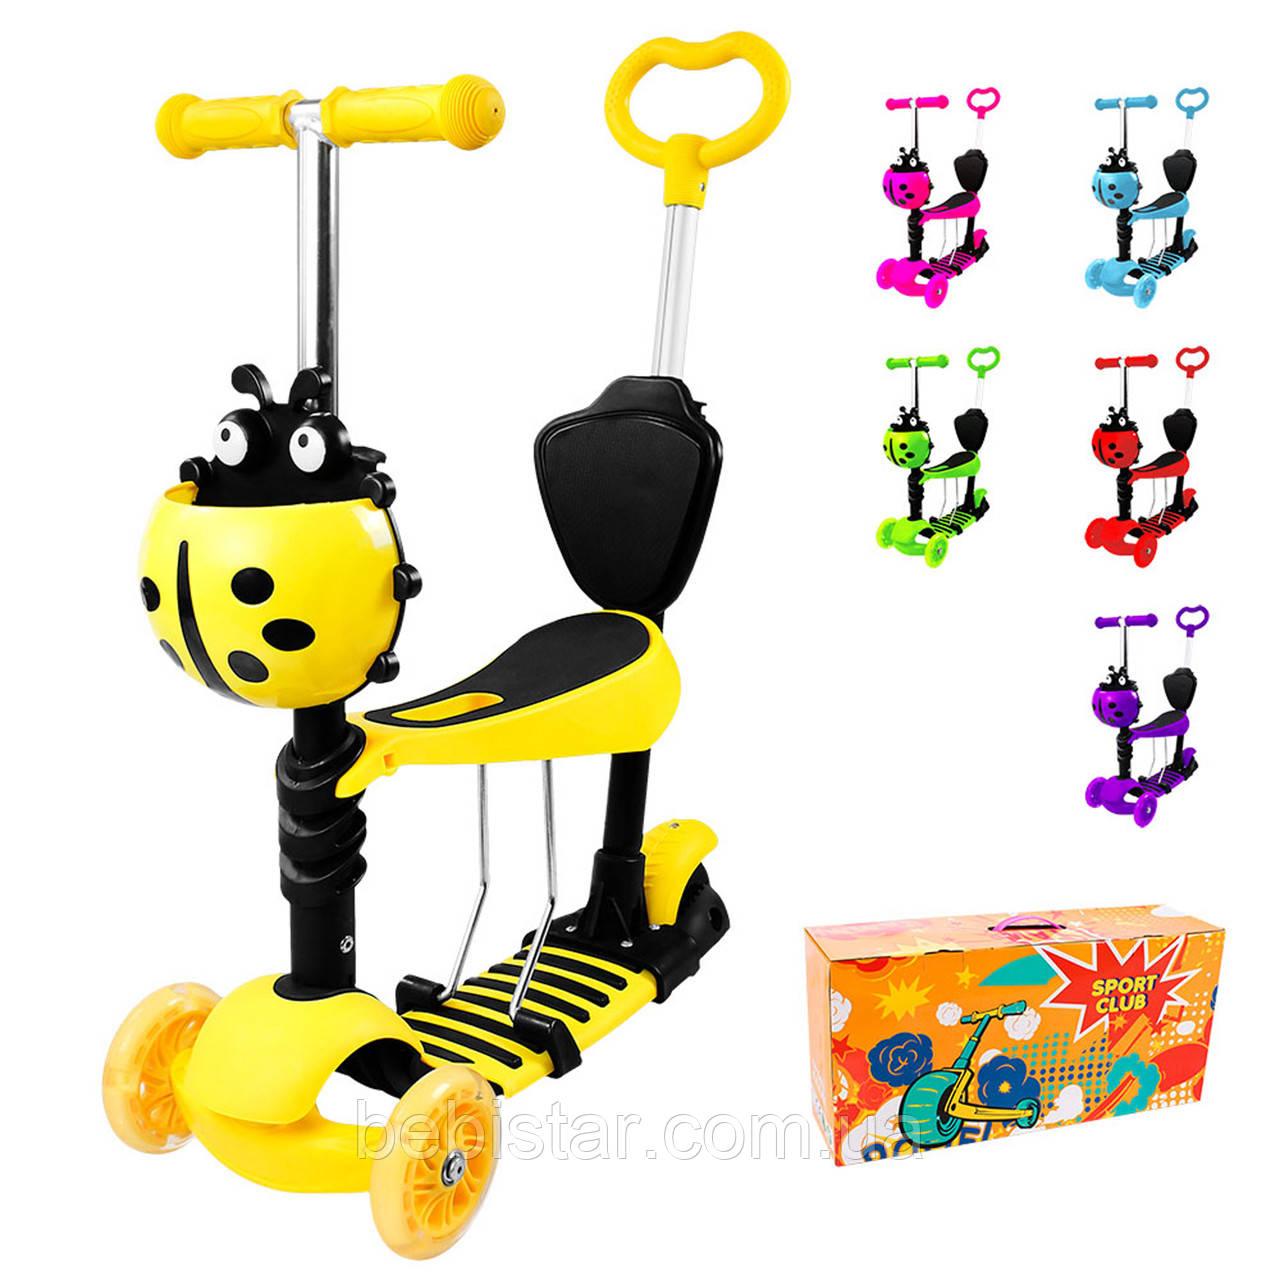 Самокат беговел коляска с ручкой и светящимися колесами малышам от 1 года